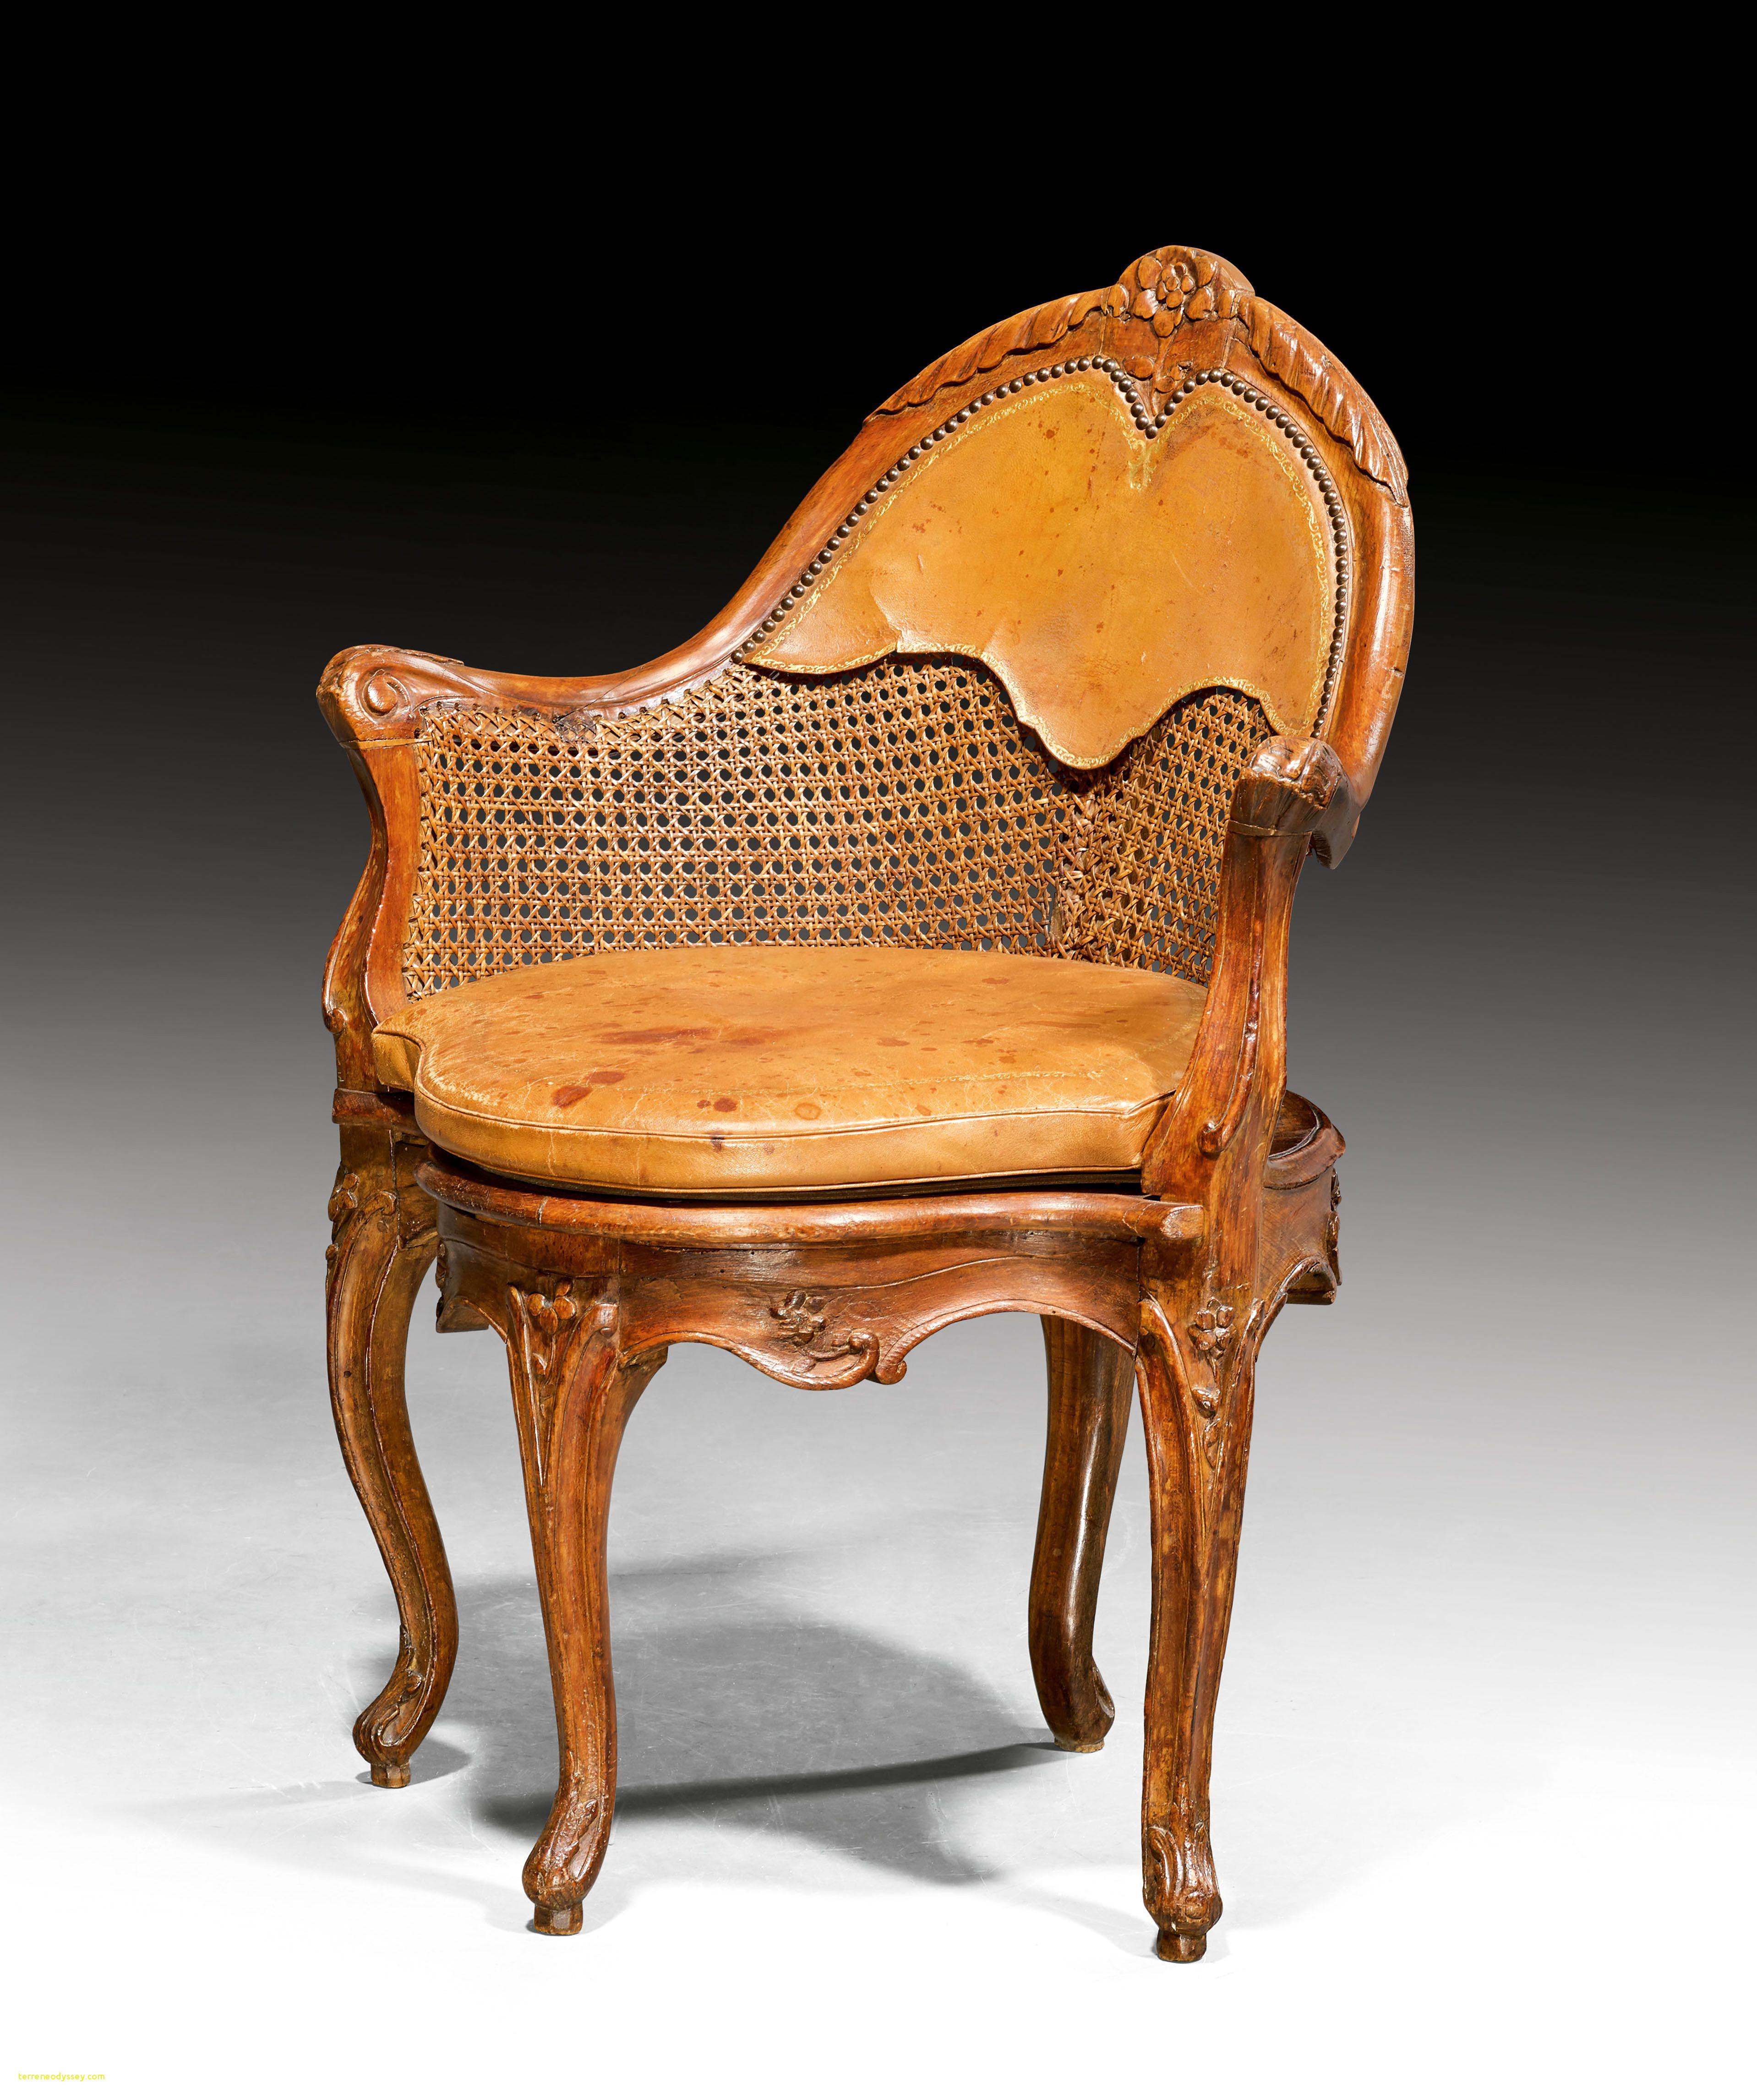 Chaise Salle A Manger Louis Xv meuble louis 15 résultat supérieur fauteuil de style unique